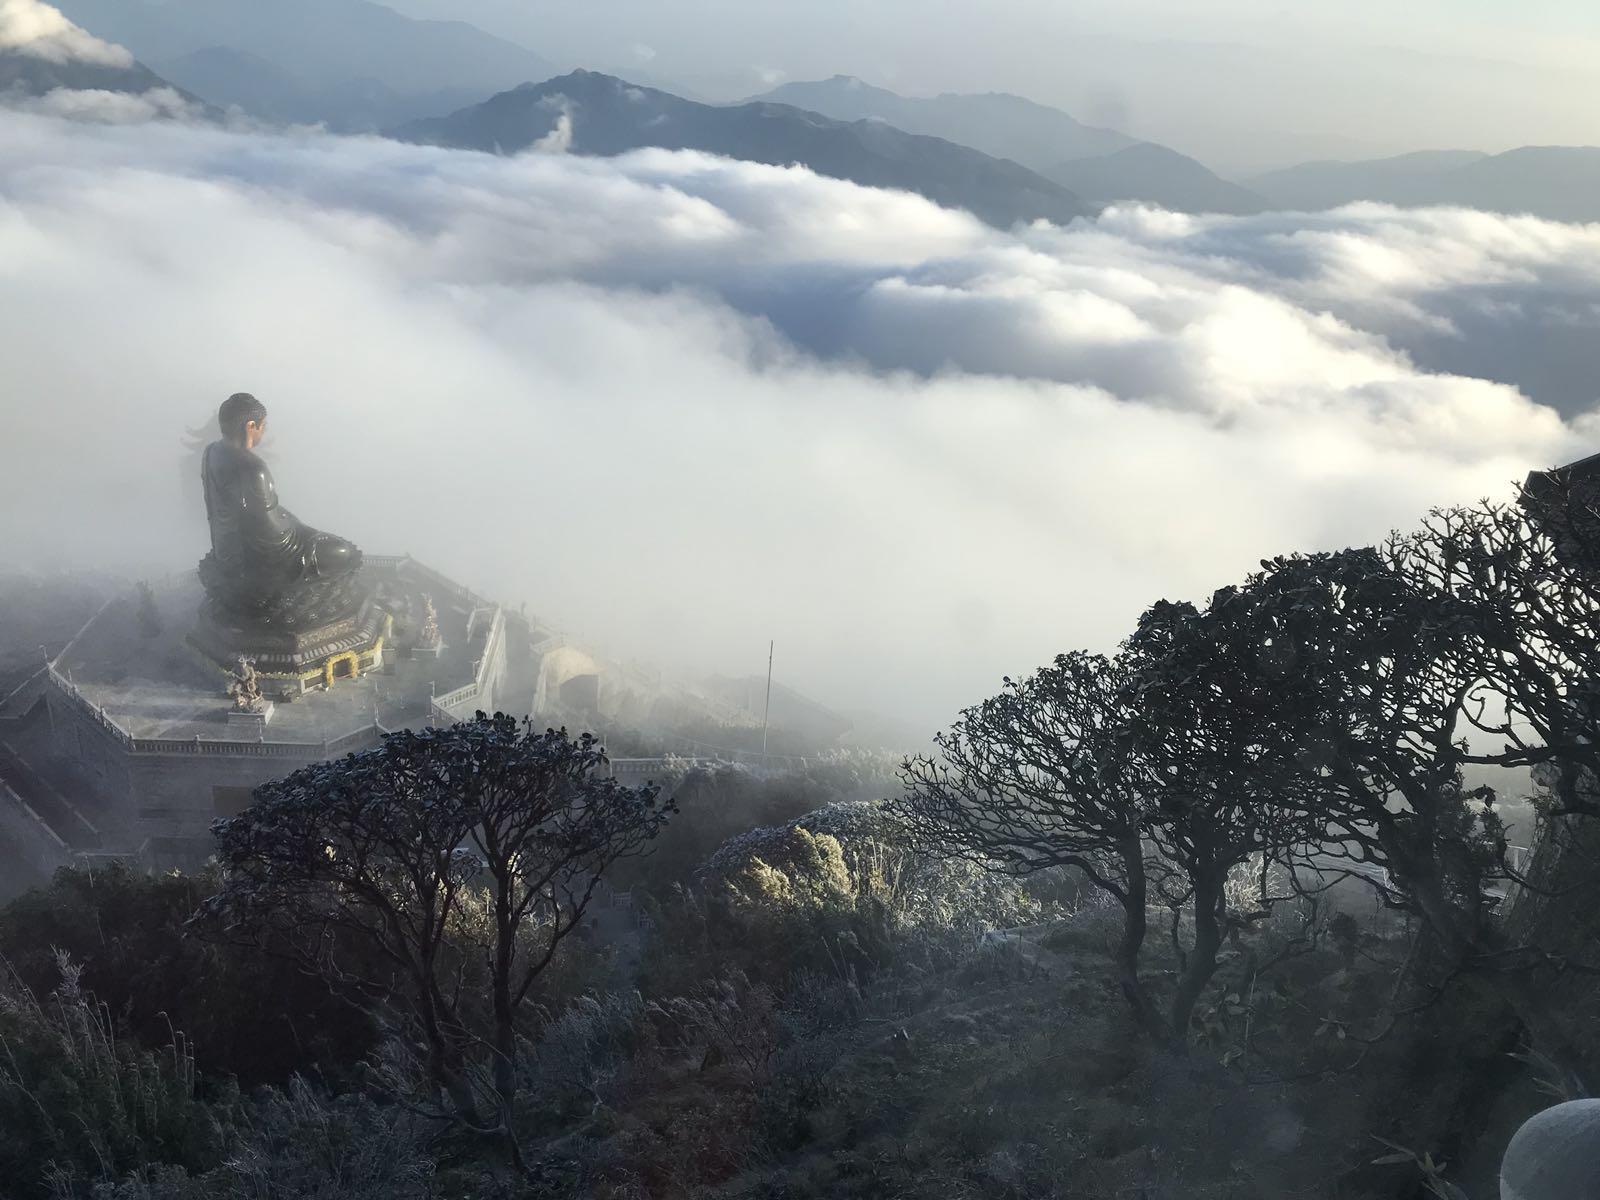 Vẻ đẹp của 'đỉnh núi bạc' Fansipan trong mùa đông Ảnh 9